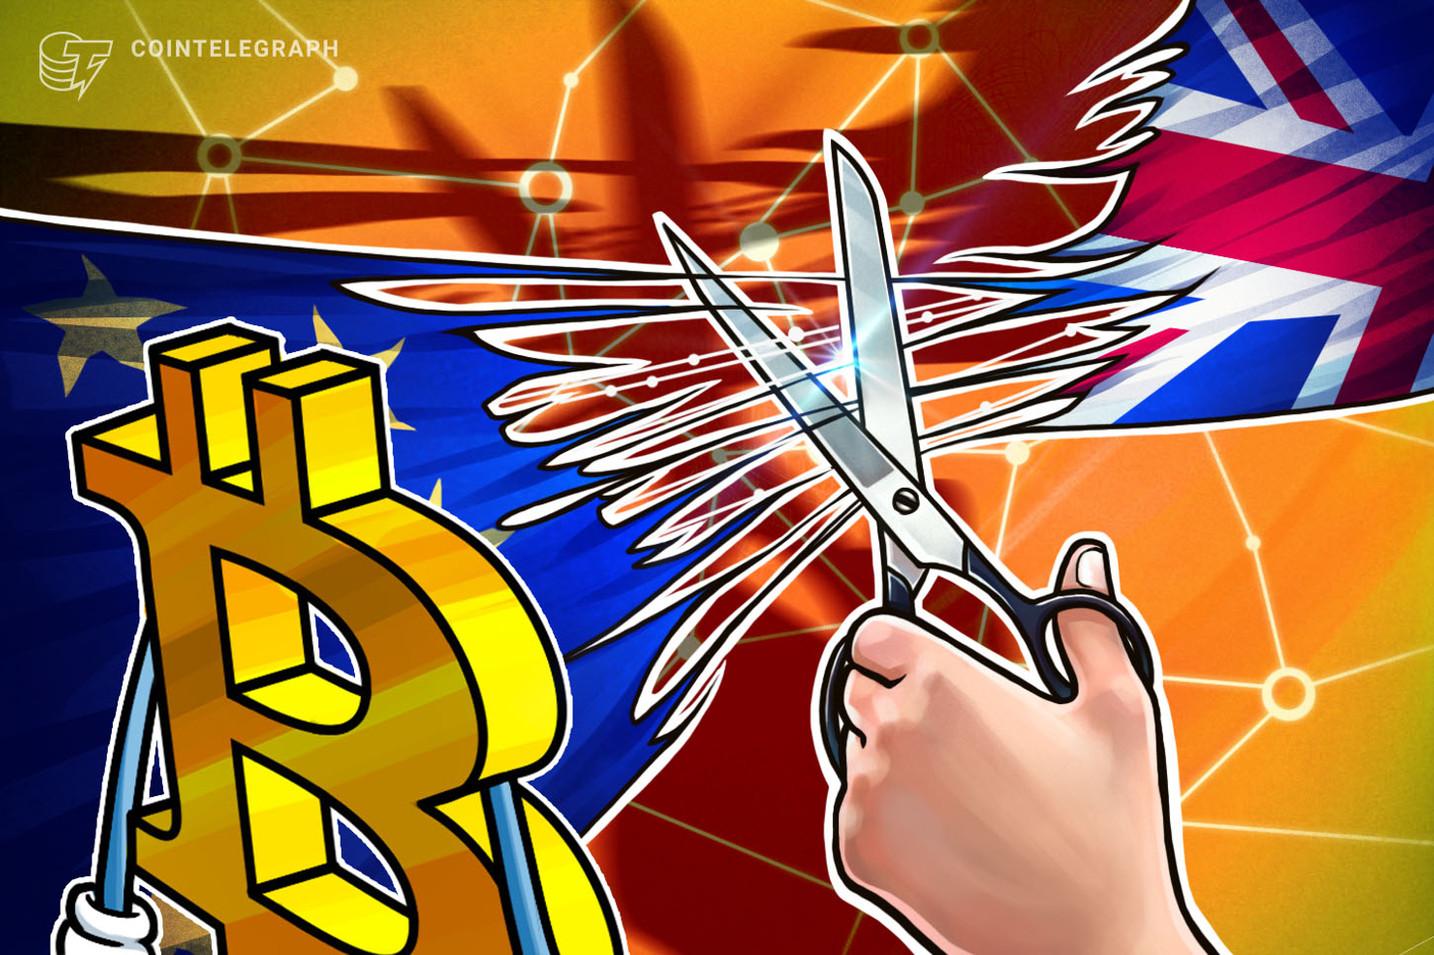 【速報】ブレグジット、1月31日まで延期でEUが合意 仮想通貨ビットコインには売り圧力か